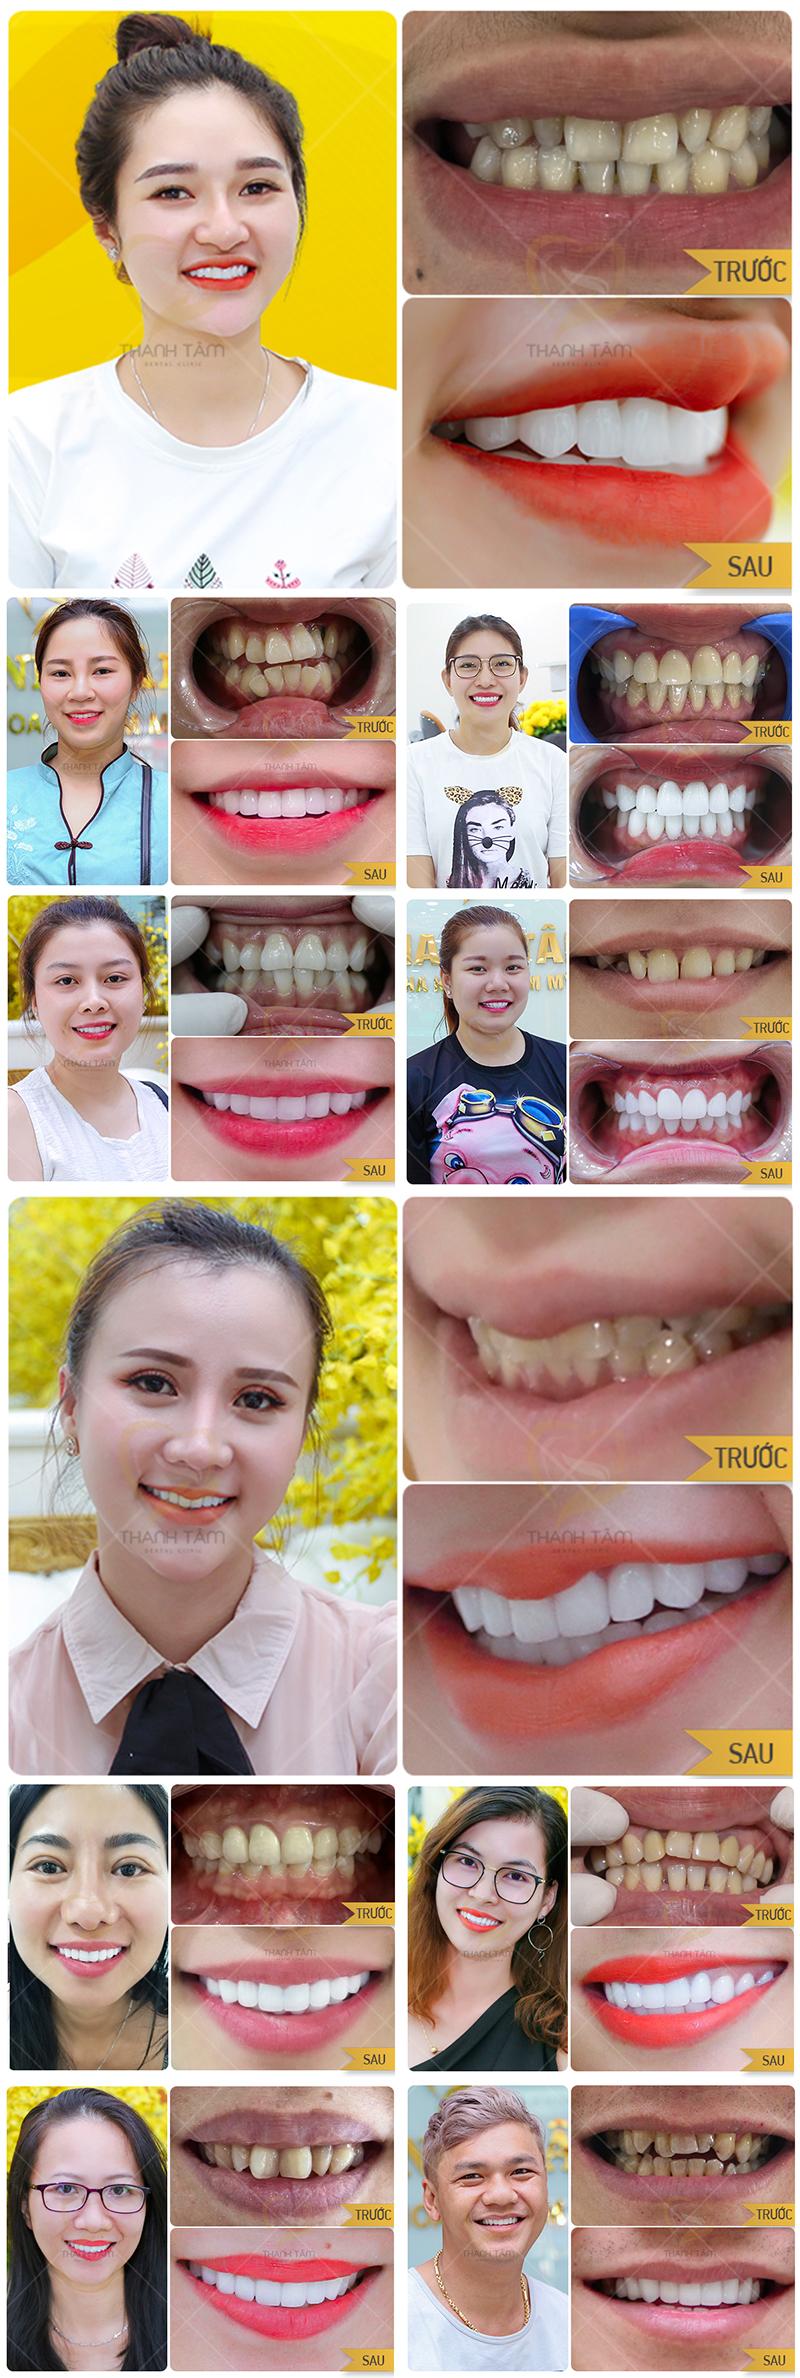 Răng toàn sứ cao cấp chính hãng